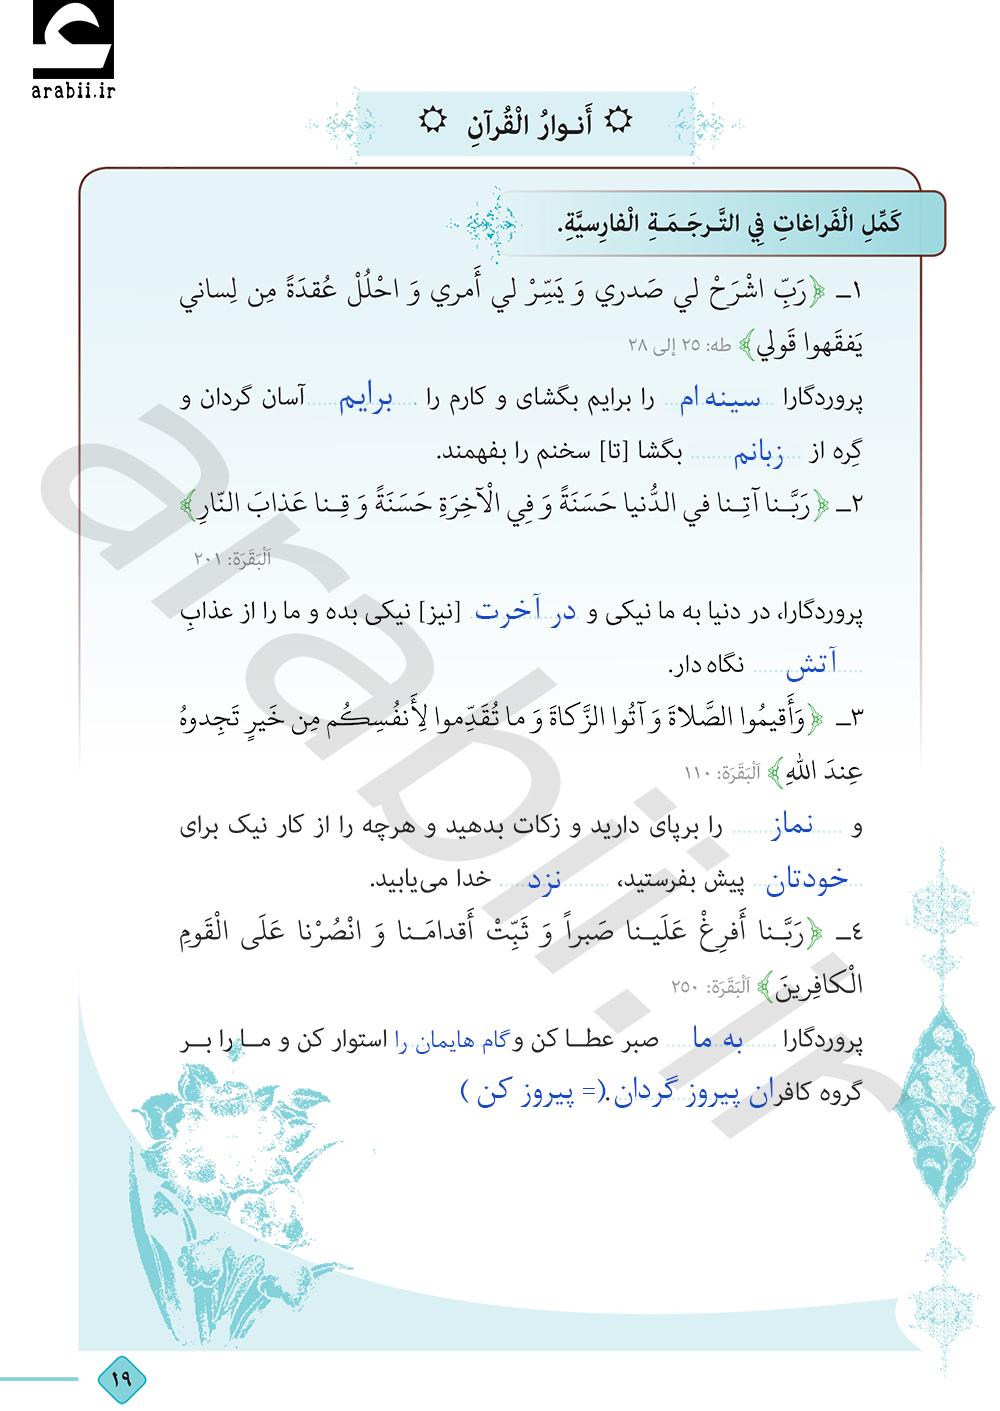 حل تمارین عربی دهم تجربی ریاضی